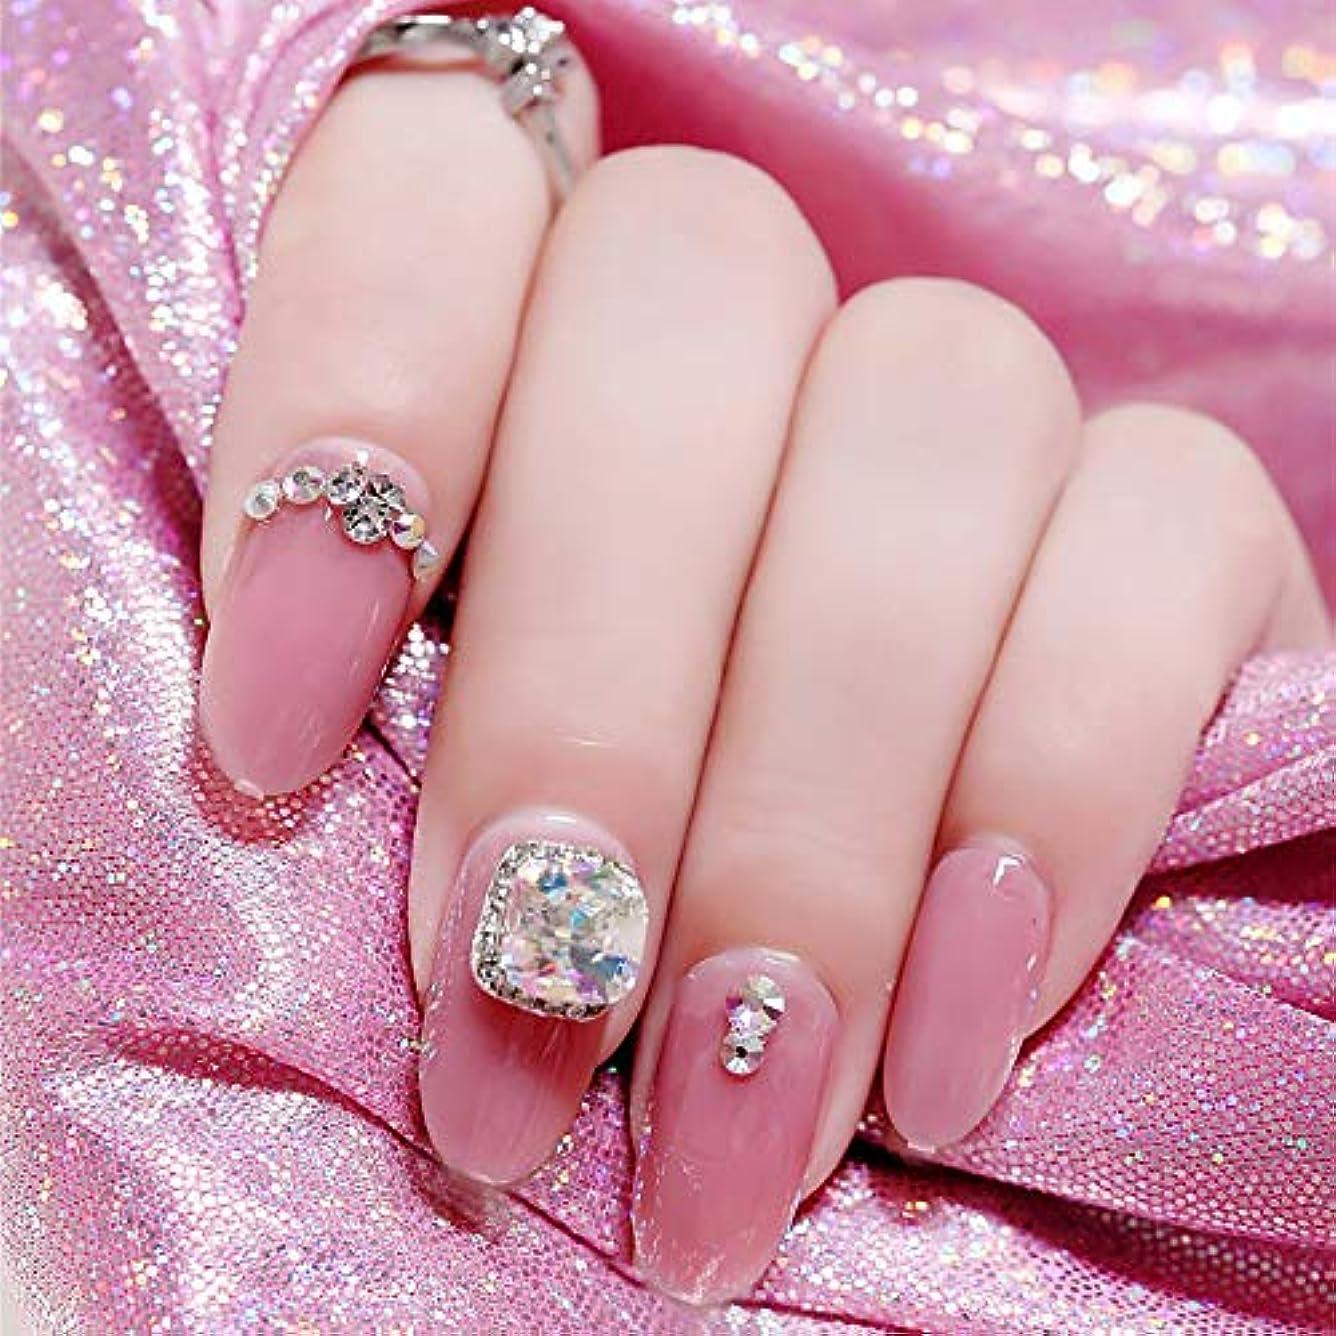 広い福祉傷跡SIFASHION 3D 可愛い優雅 手作りネイルチップ ネイル花嫁 24pcs ピンク ネイルチップ